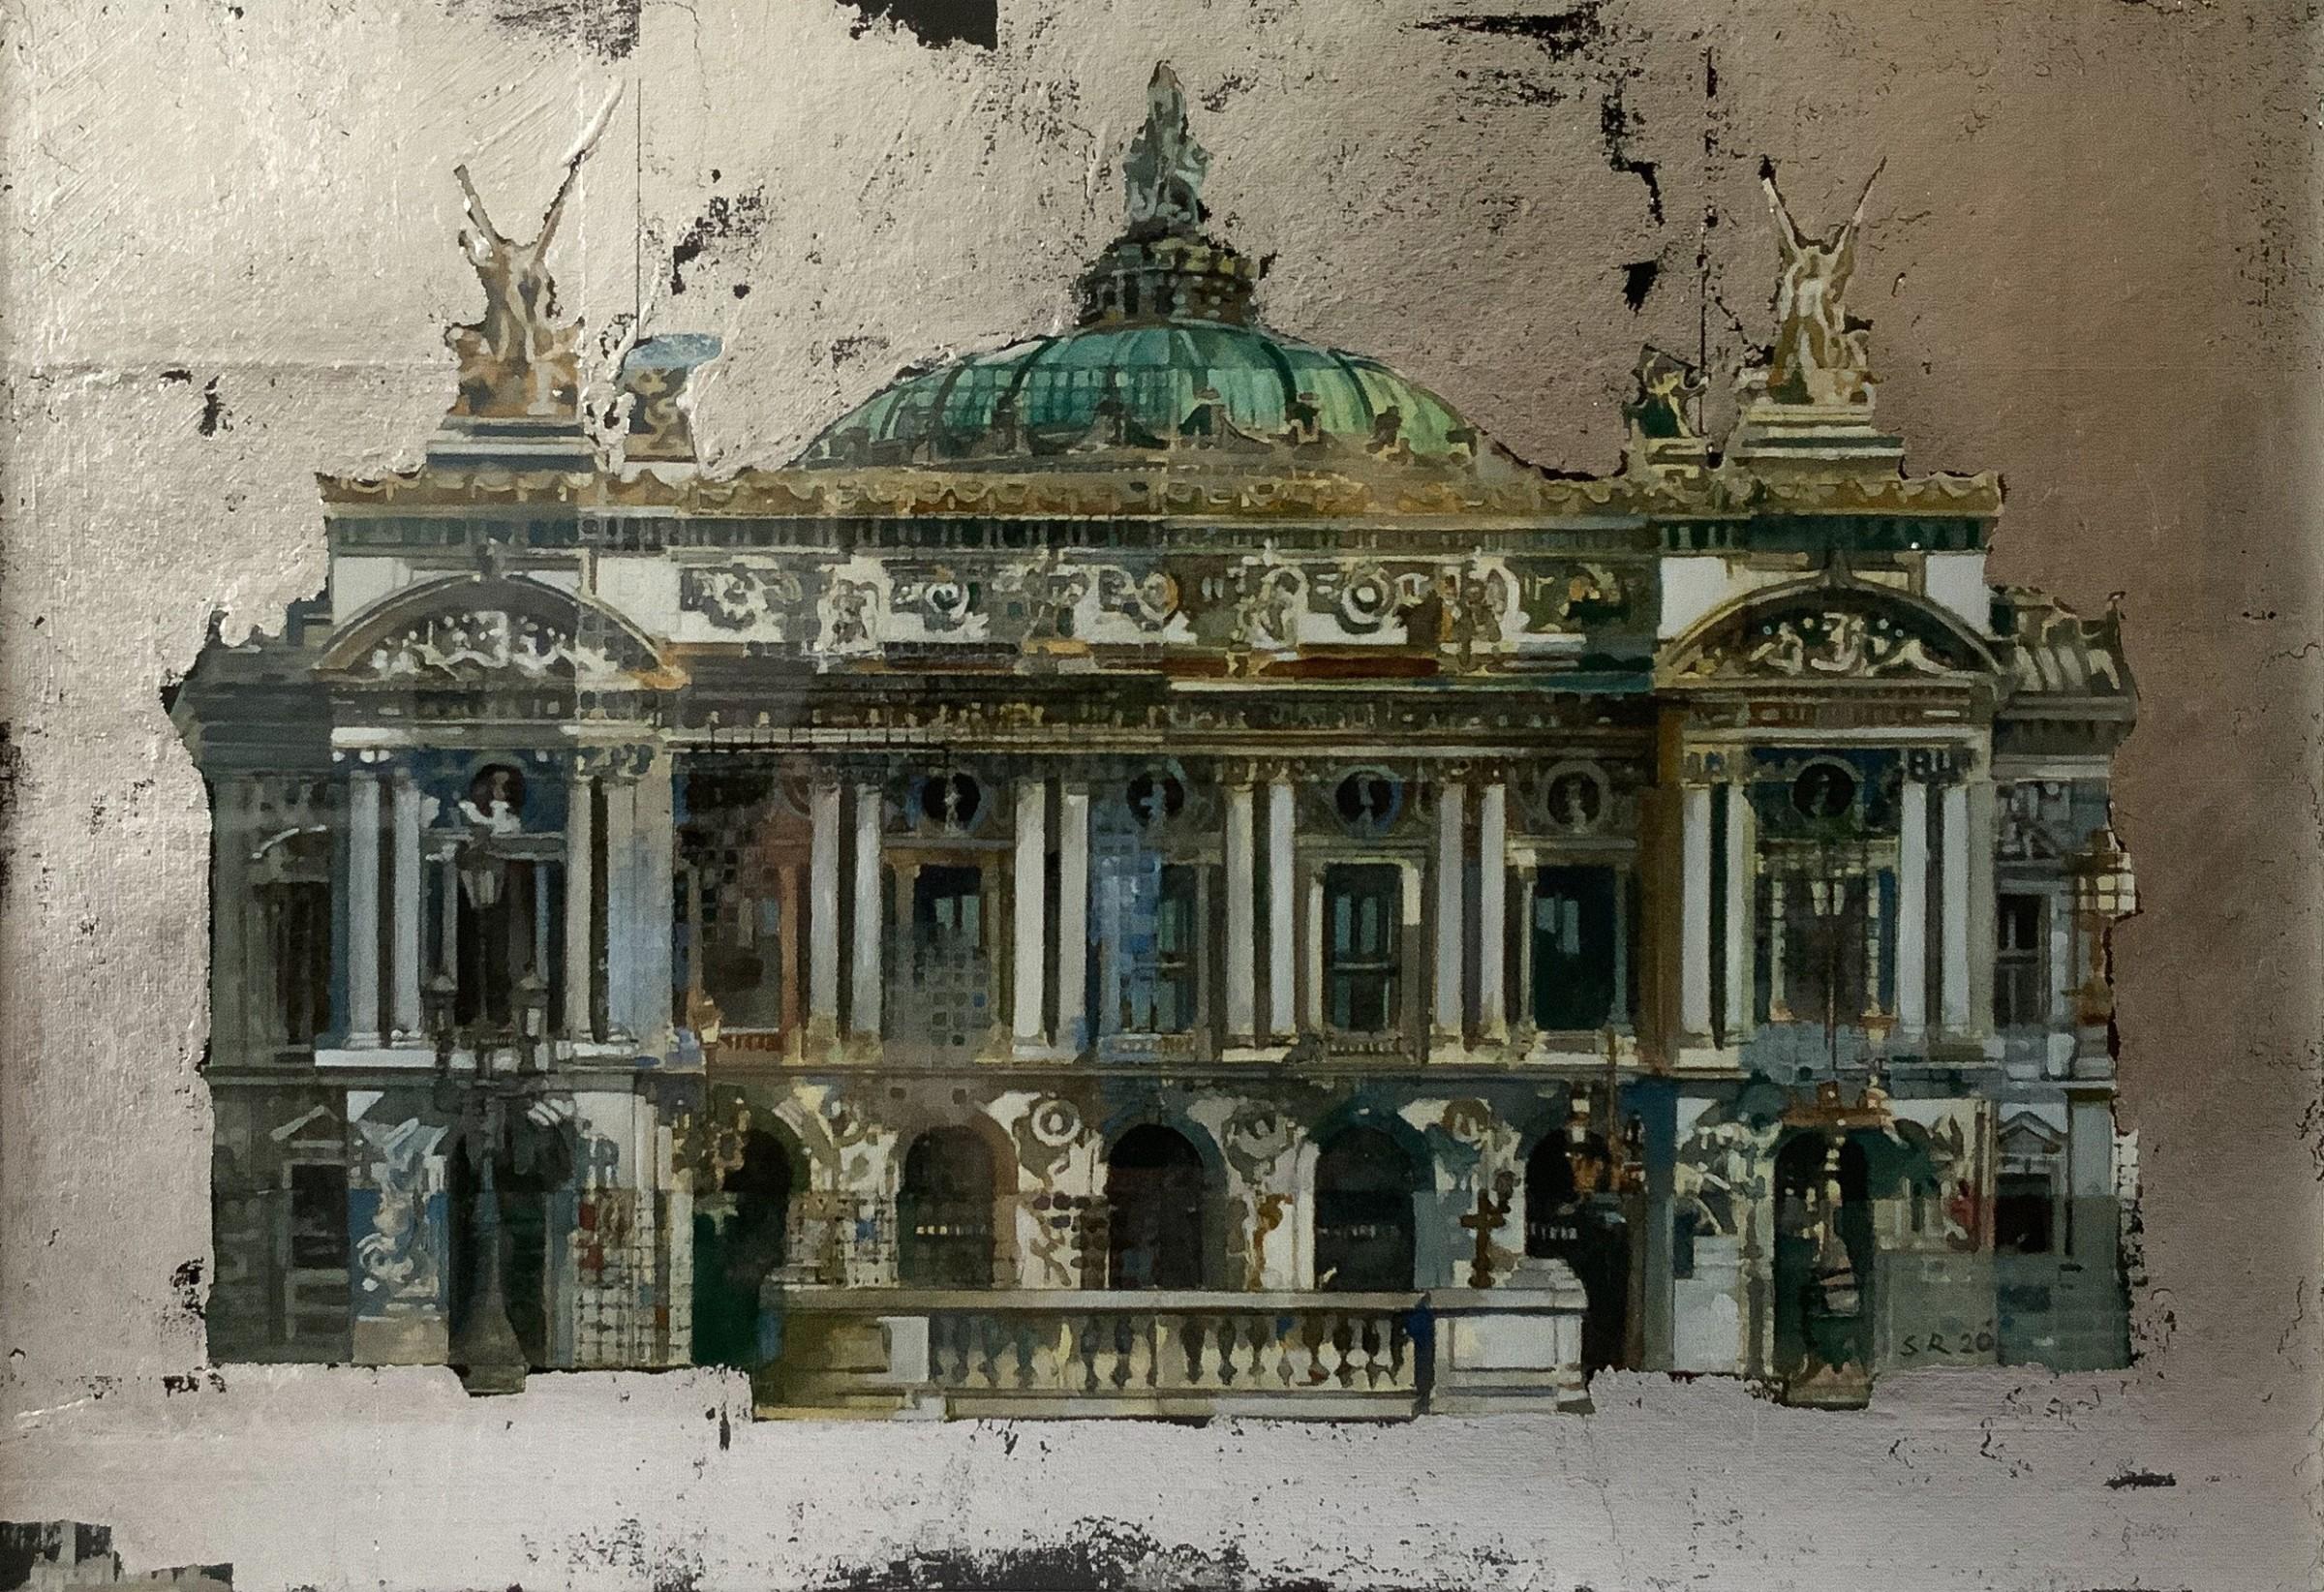 """<span class=""""link fancybox-details-link""""><a href=""""/artists/98-stuart-robertson/works/12166-stuart-robertson-paris-opera-house/"""">View Detail Page</a></span><div class=""""artist""""><span class=""""artist""""><strong>Stuart Robertson</strong></span></div><div class=""""title""""><em>Paris Opera House</em></div><div class=""""medium"""">watercolour & silver leaf</div><div class=""""dimensions"""">Frame: 45 x 54 cm<br /> Artwork: 23 x 33 cm</div><div class=""""price"""">£700.00</div>"""